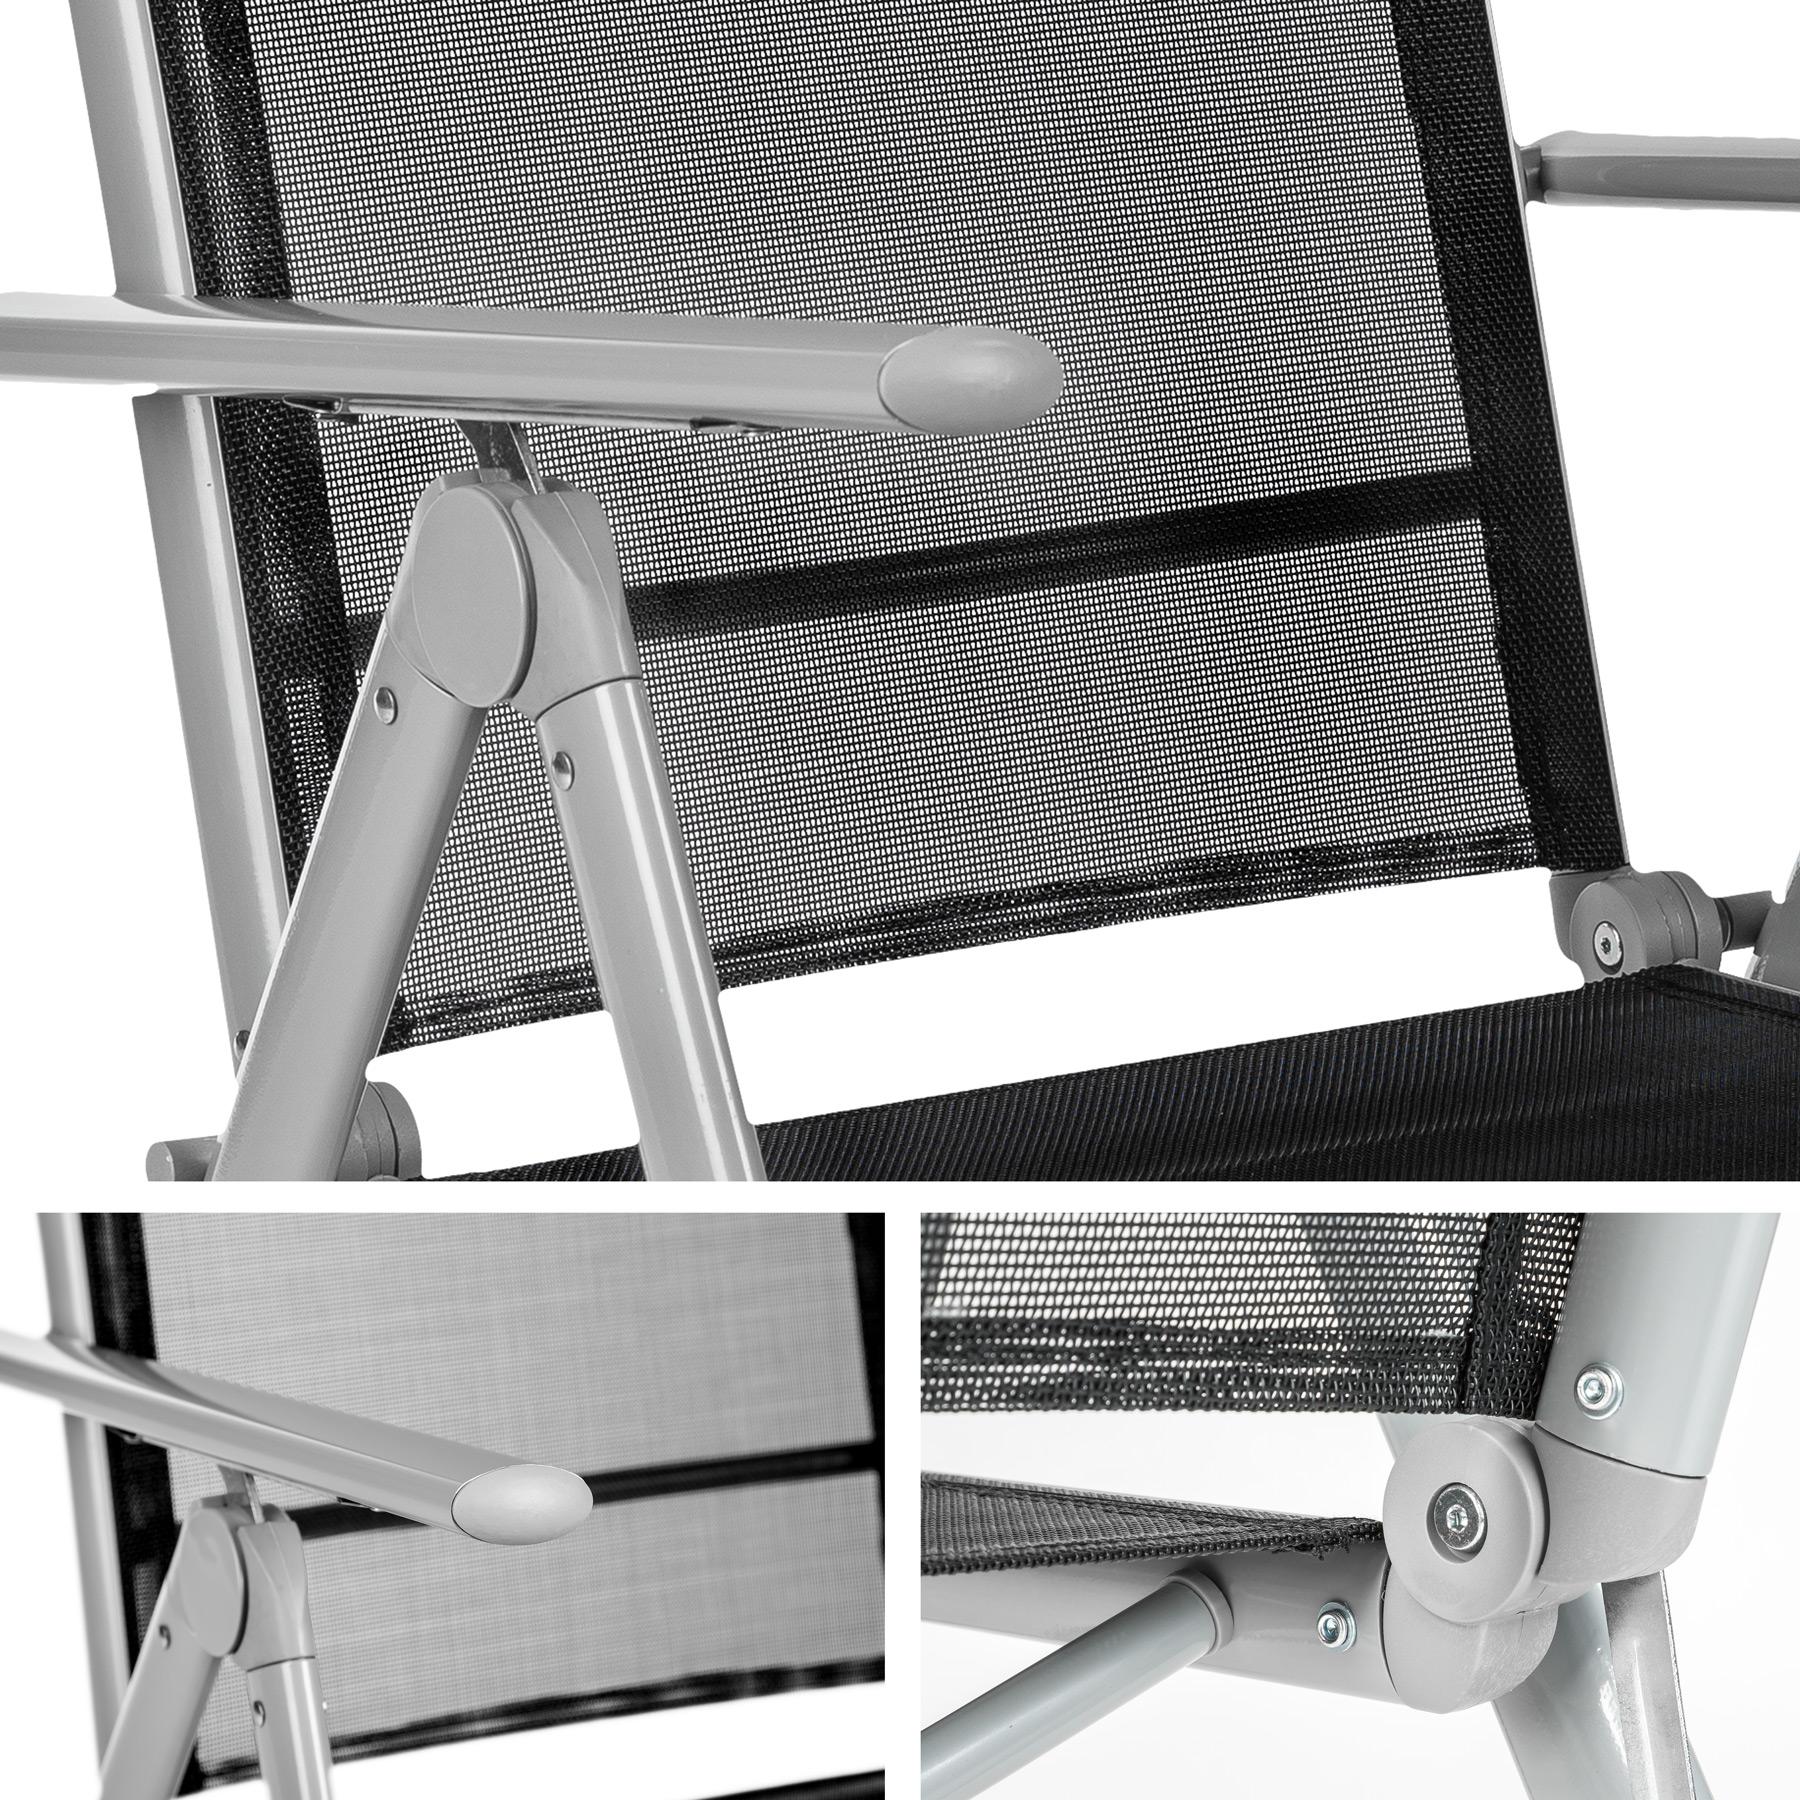 Alluminio set mobili da giardino 8 1 tavolo sedie for Sedie in alluminio